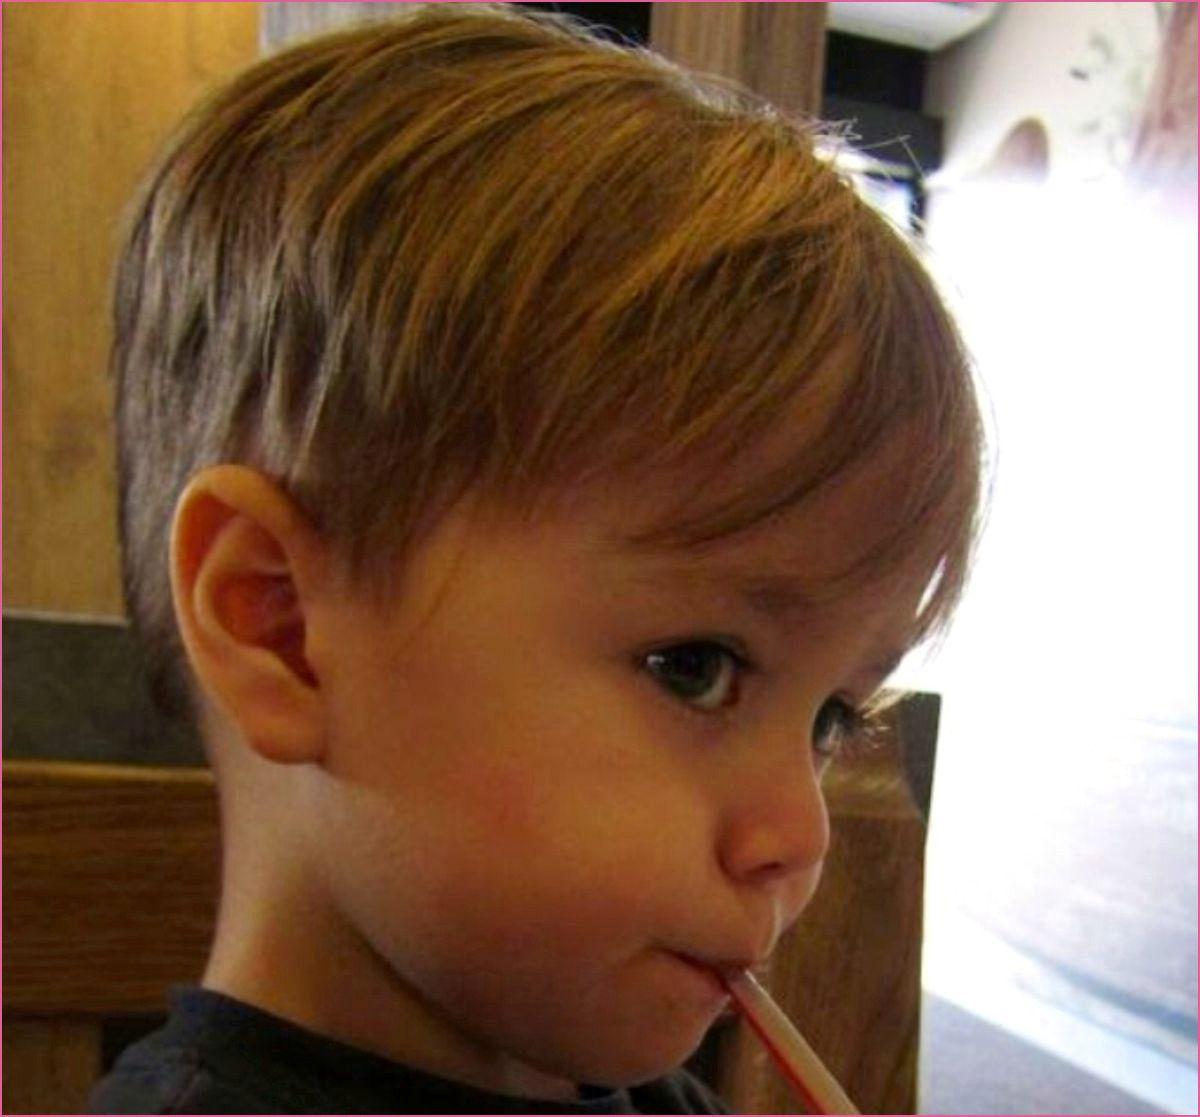 Lange Haare Männer  Frisur kleinkind, Frisur kleinkind junge